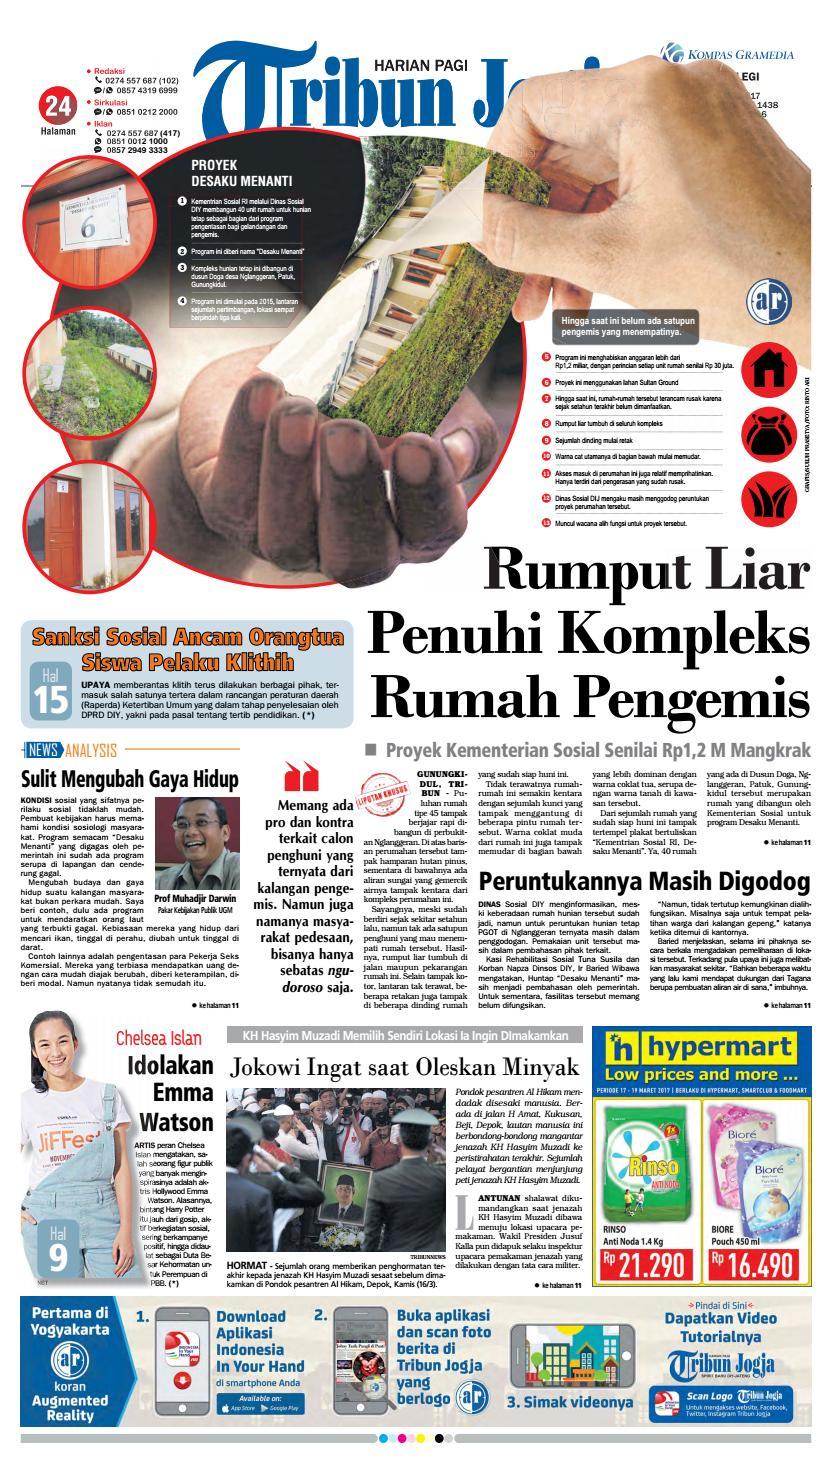 Tribunjogja 17 03 2017 By Tribun Jogja Issuu Produk Ukm Bumn Pusaka Coffee 15 Pcs Kopi Herbal Nusantara Free Ongkir Depok Ampamp Jakarta